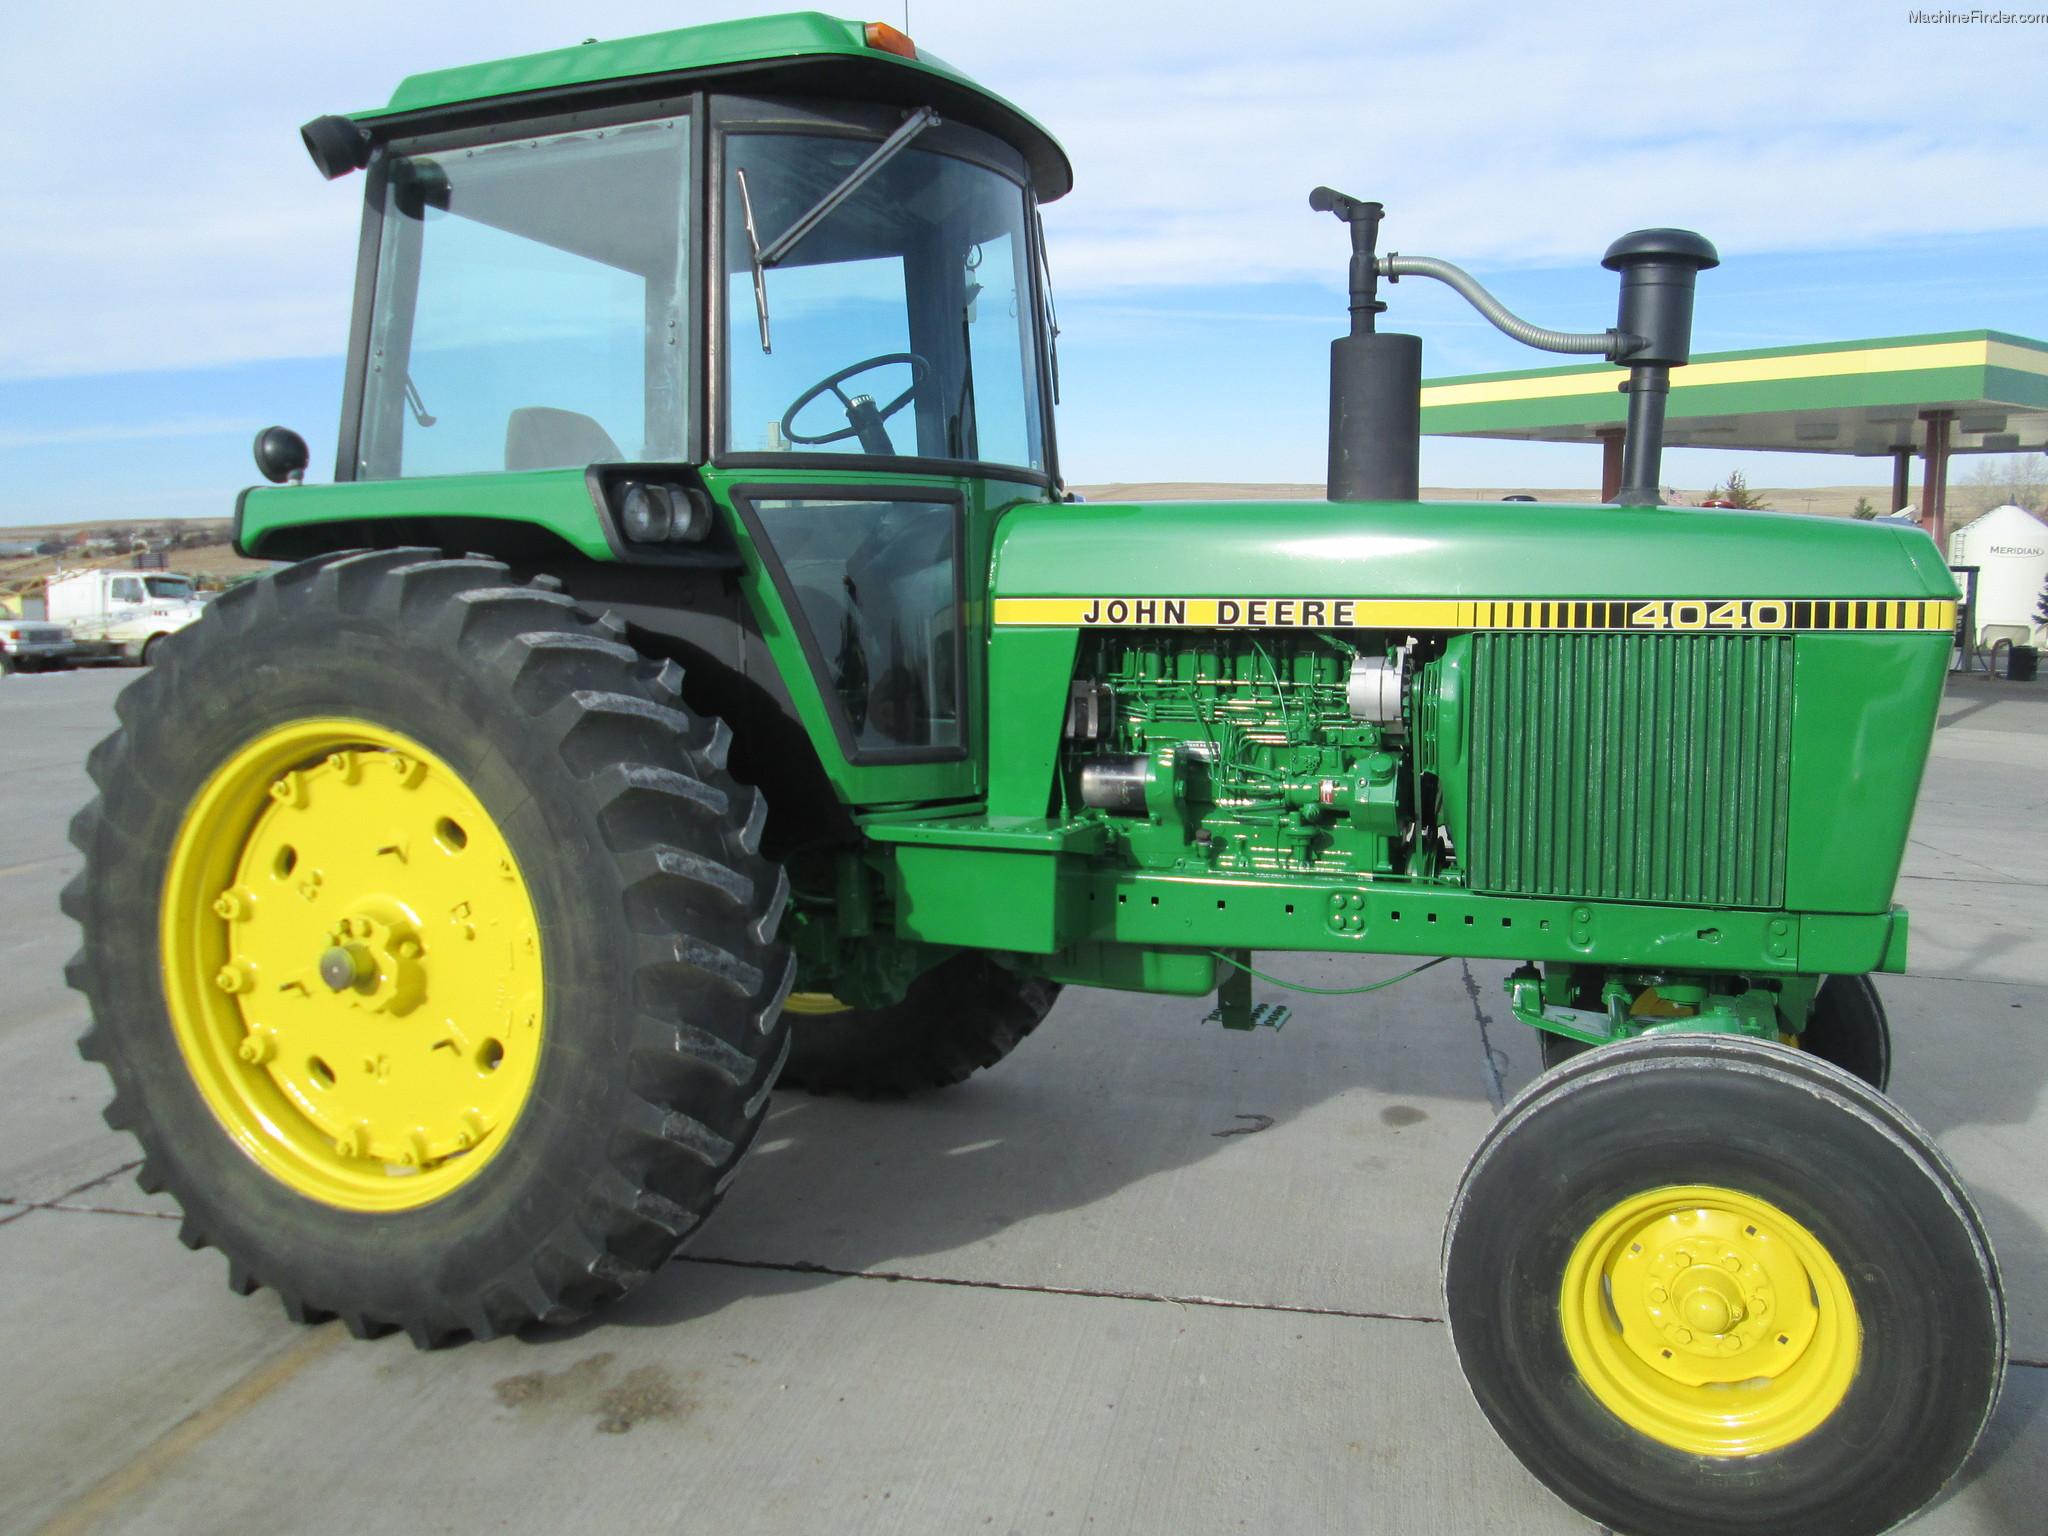 1980 John Deere 4040 Tractors - Row Crop (+100hp) - John ...